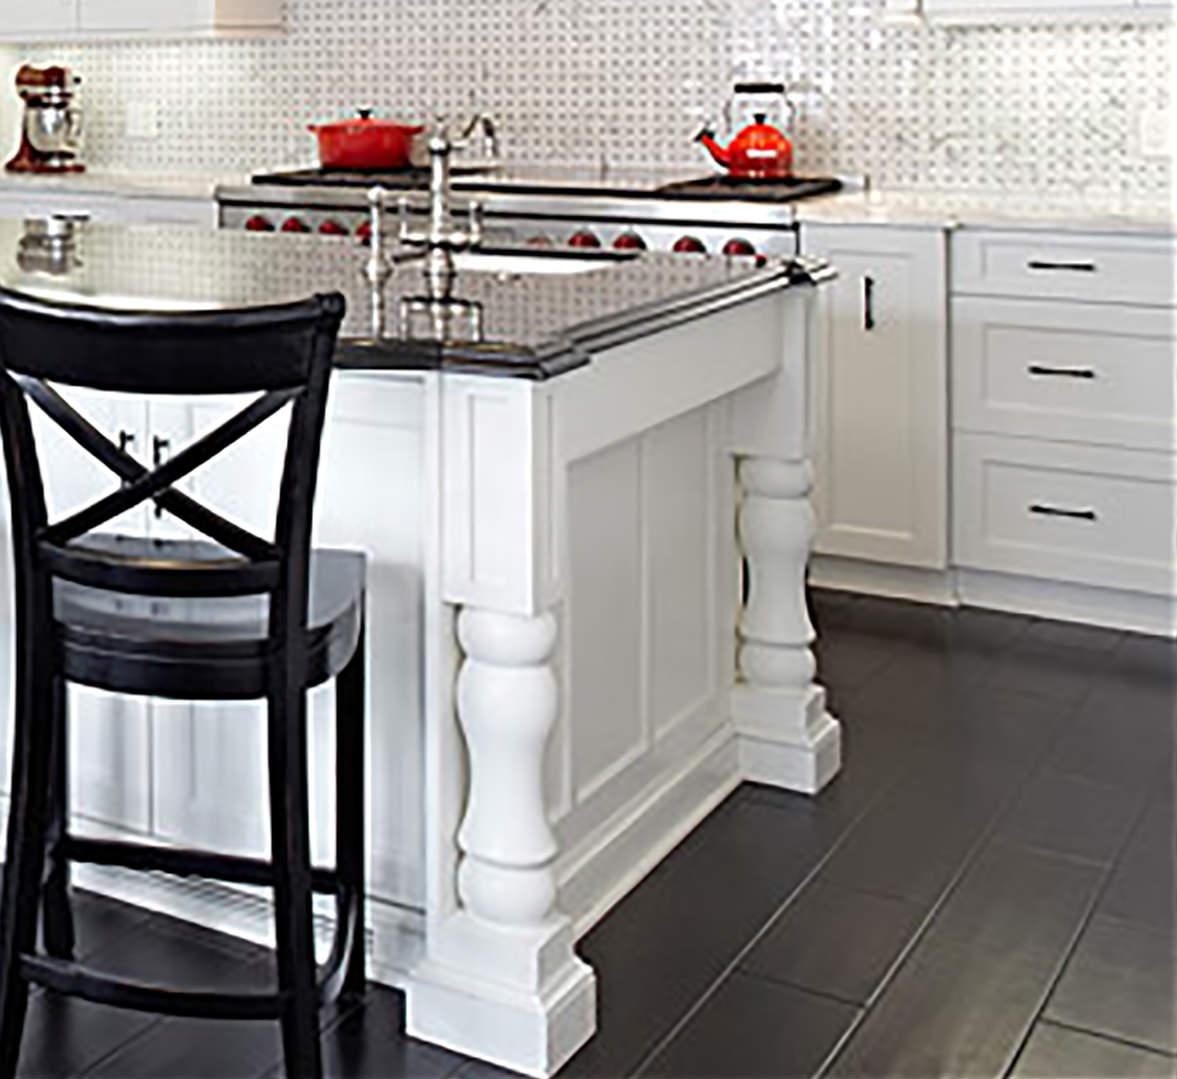 beverly-hills-california-kitchen-remodel-interior-design-montgomery-home.jpg